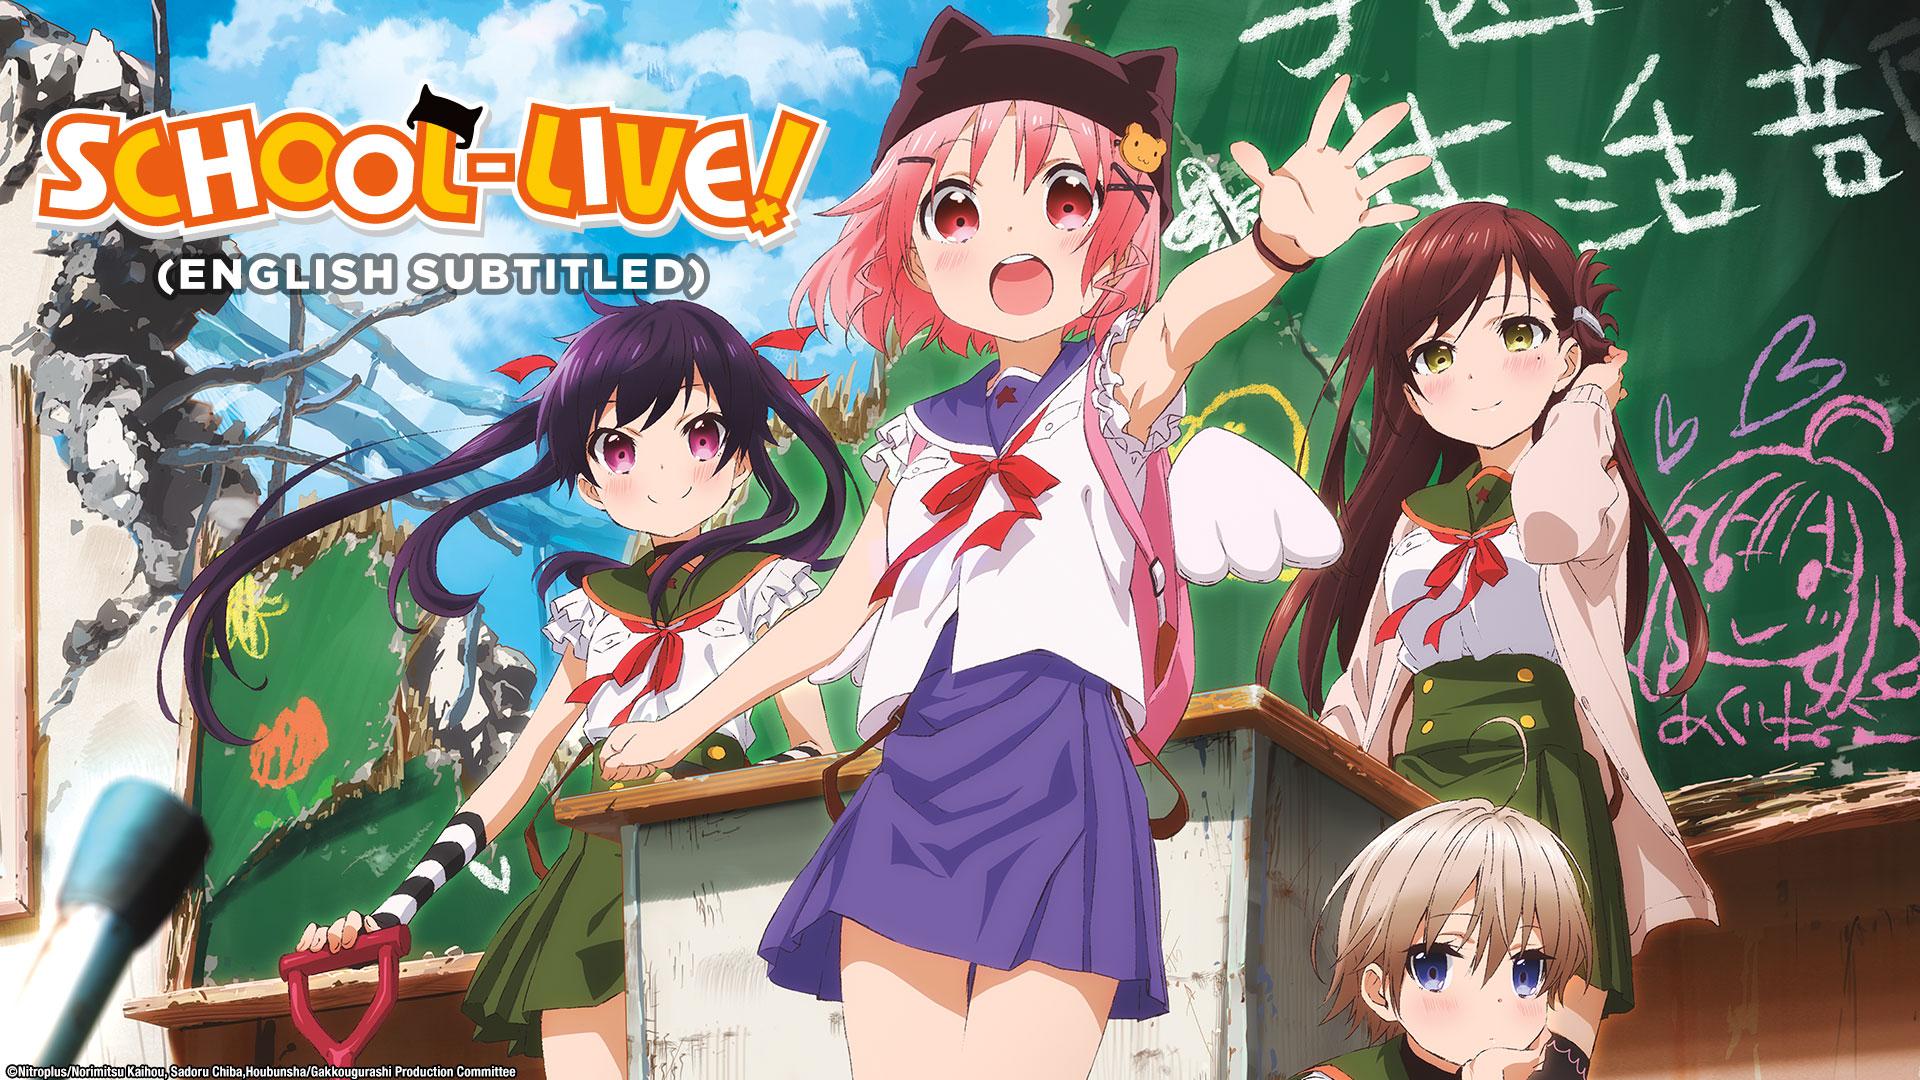 School-live Season 2